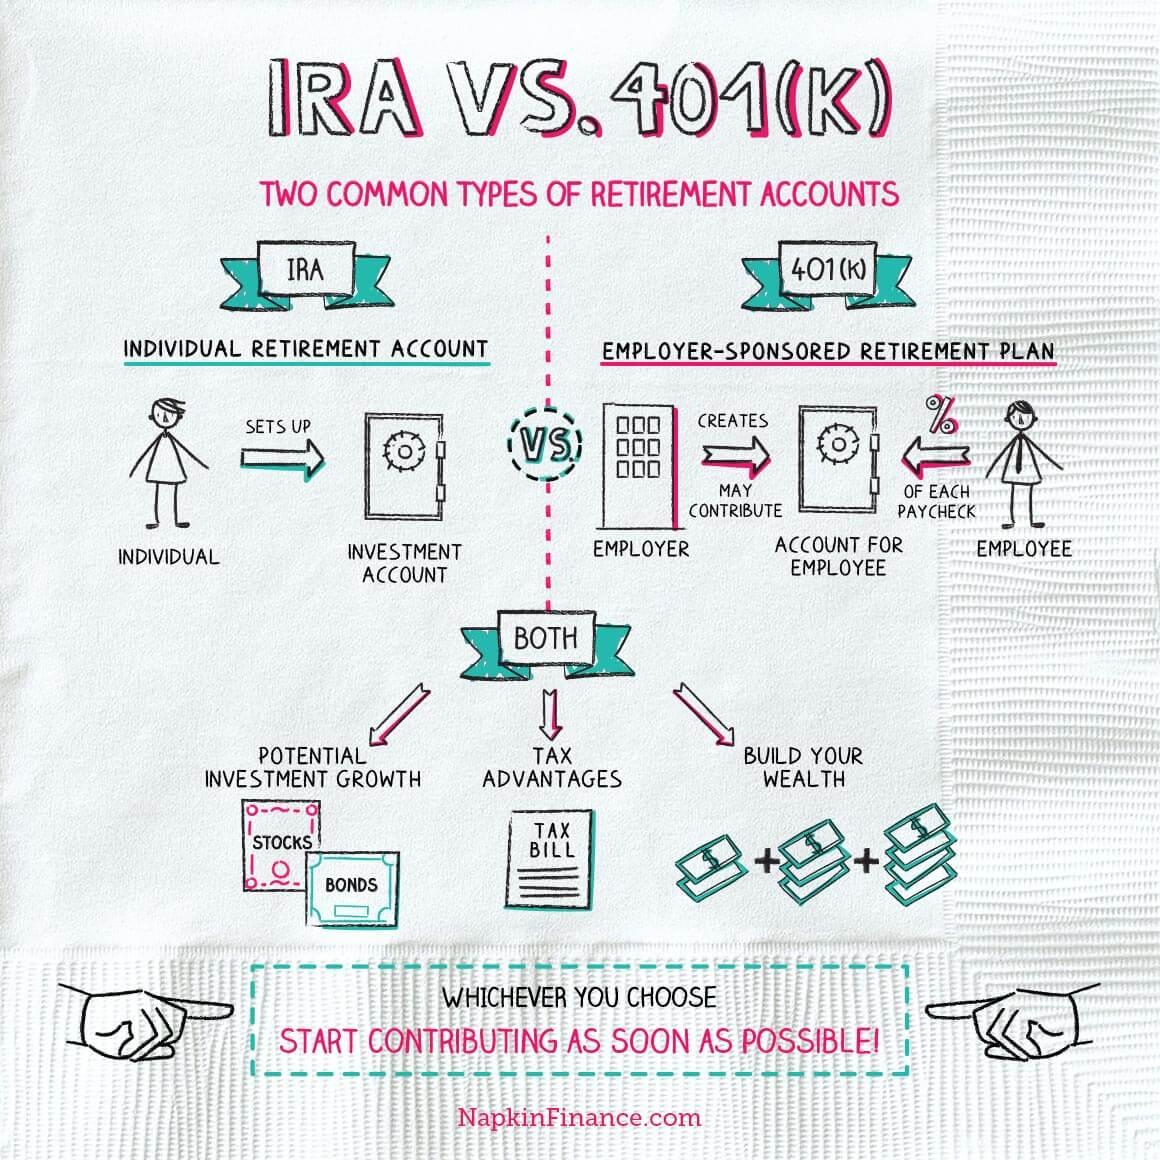 IRA-vs-401(k)